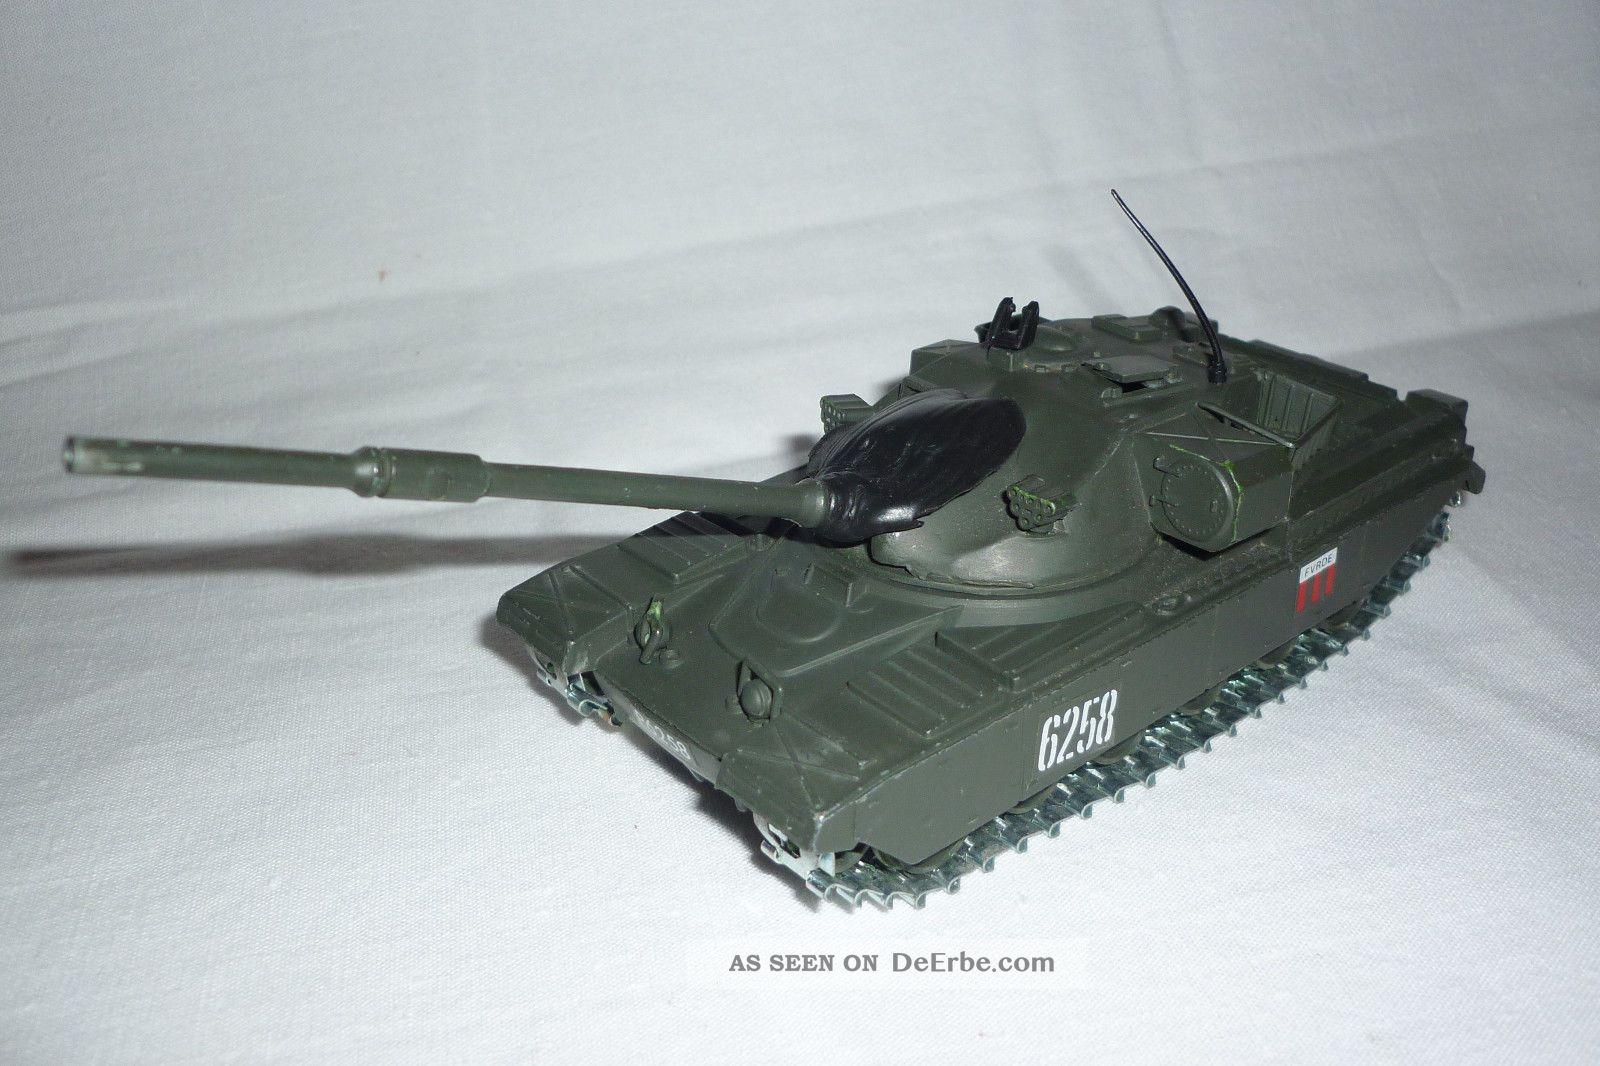 Polistil - Metallmodell - Panzer / Tank - Chieftain Mk 3 - 1:50 - (4.  Bm - 65) Gefertigt nach 1970 Bild